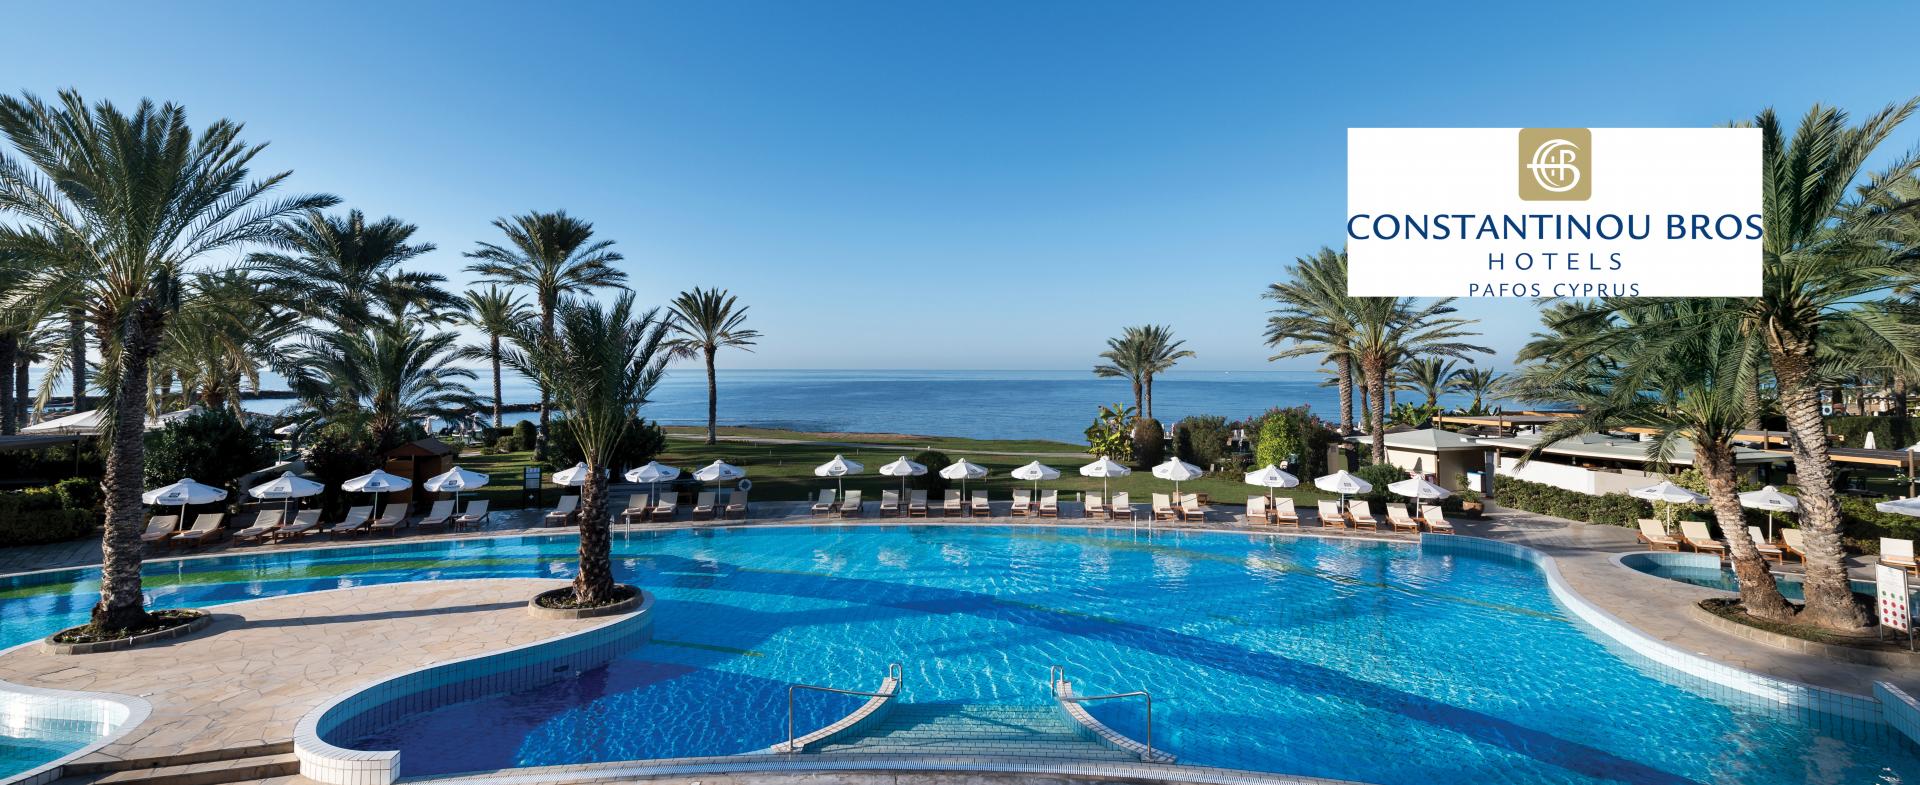 Súťaž o pobyt na 2 noci na Cypre